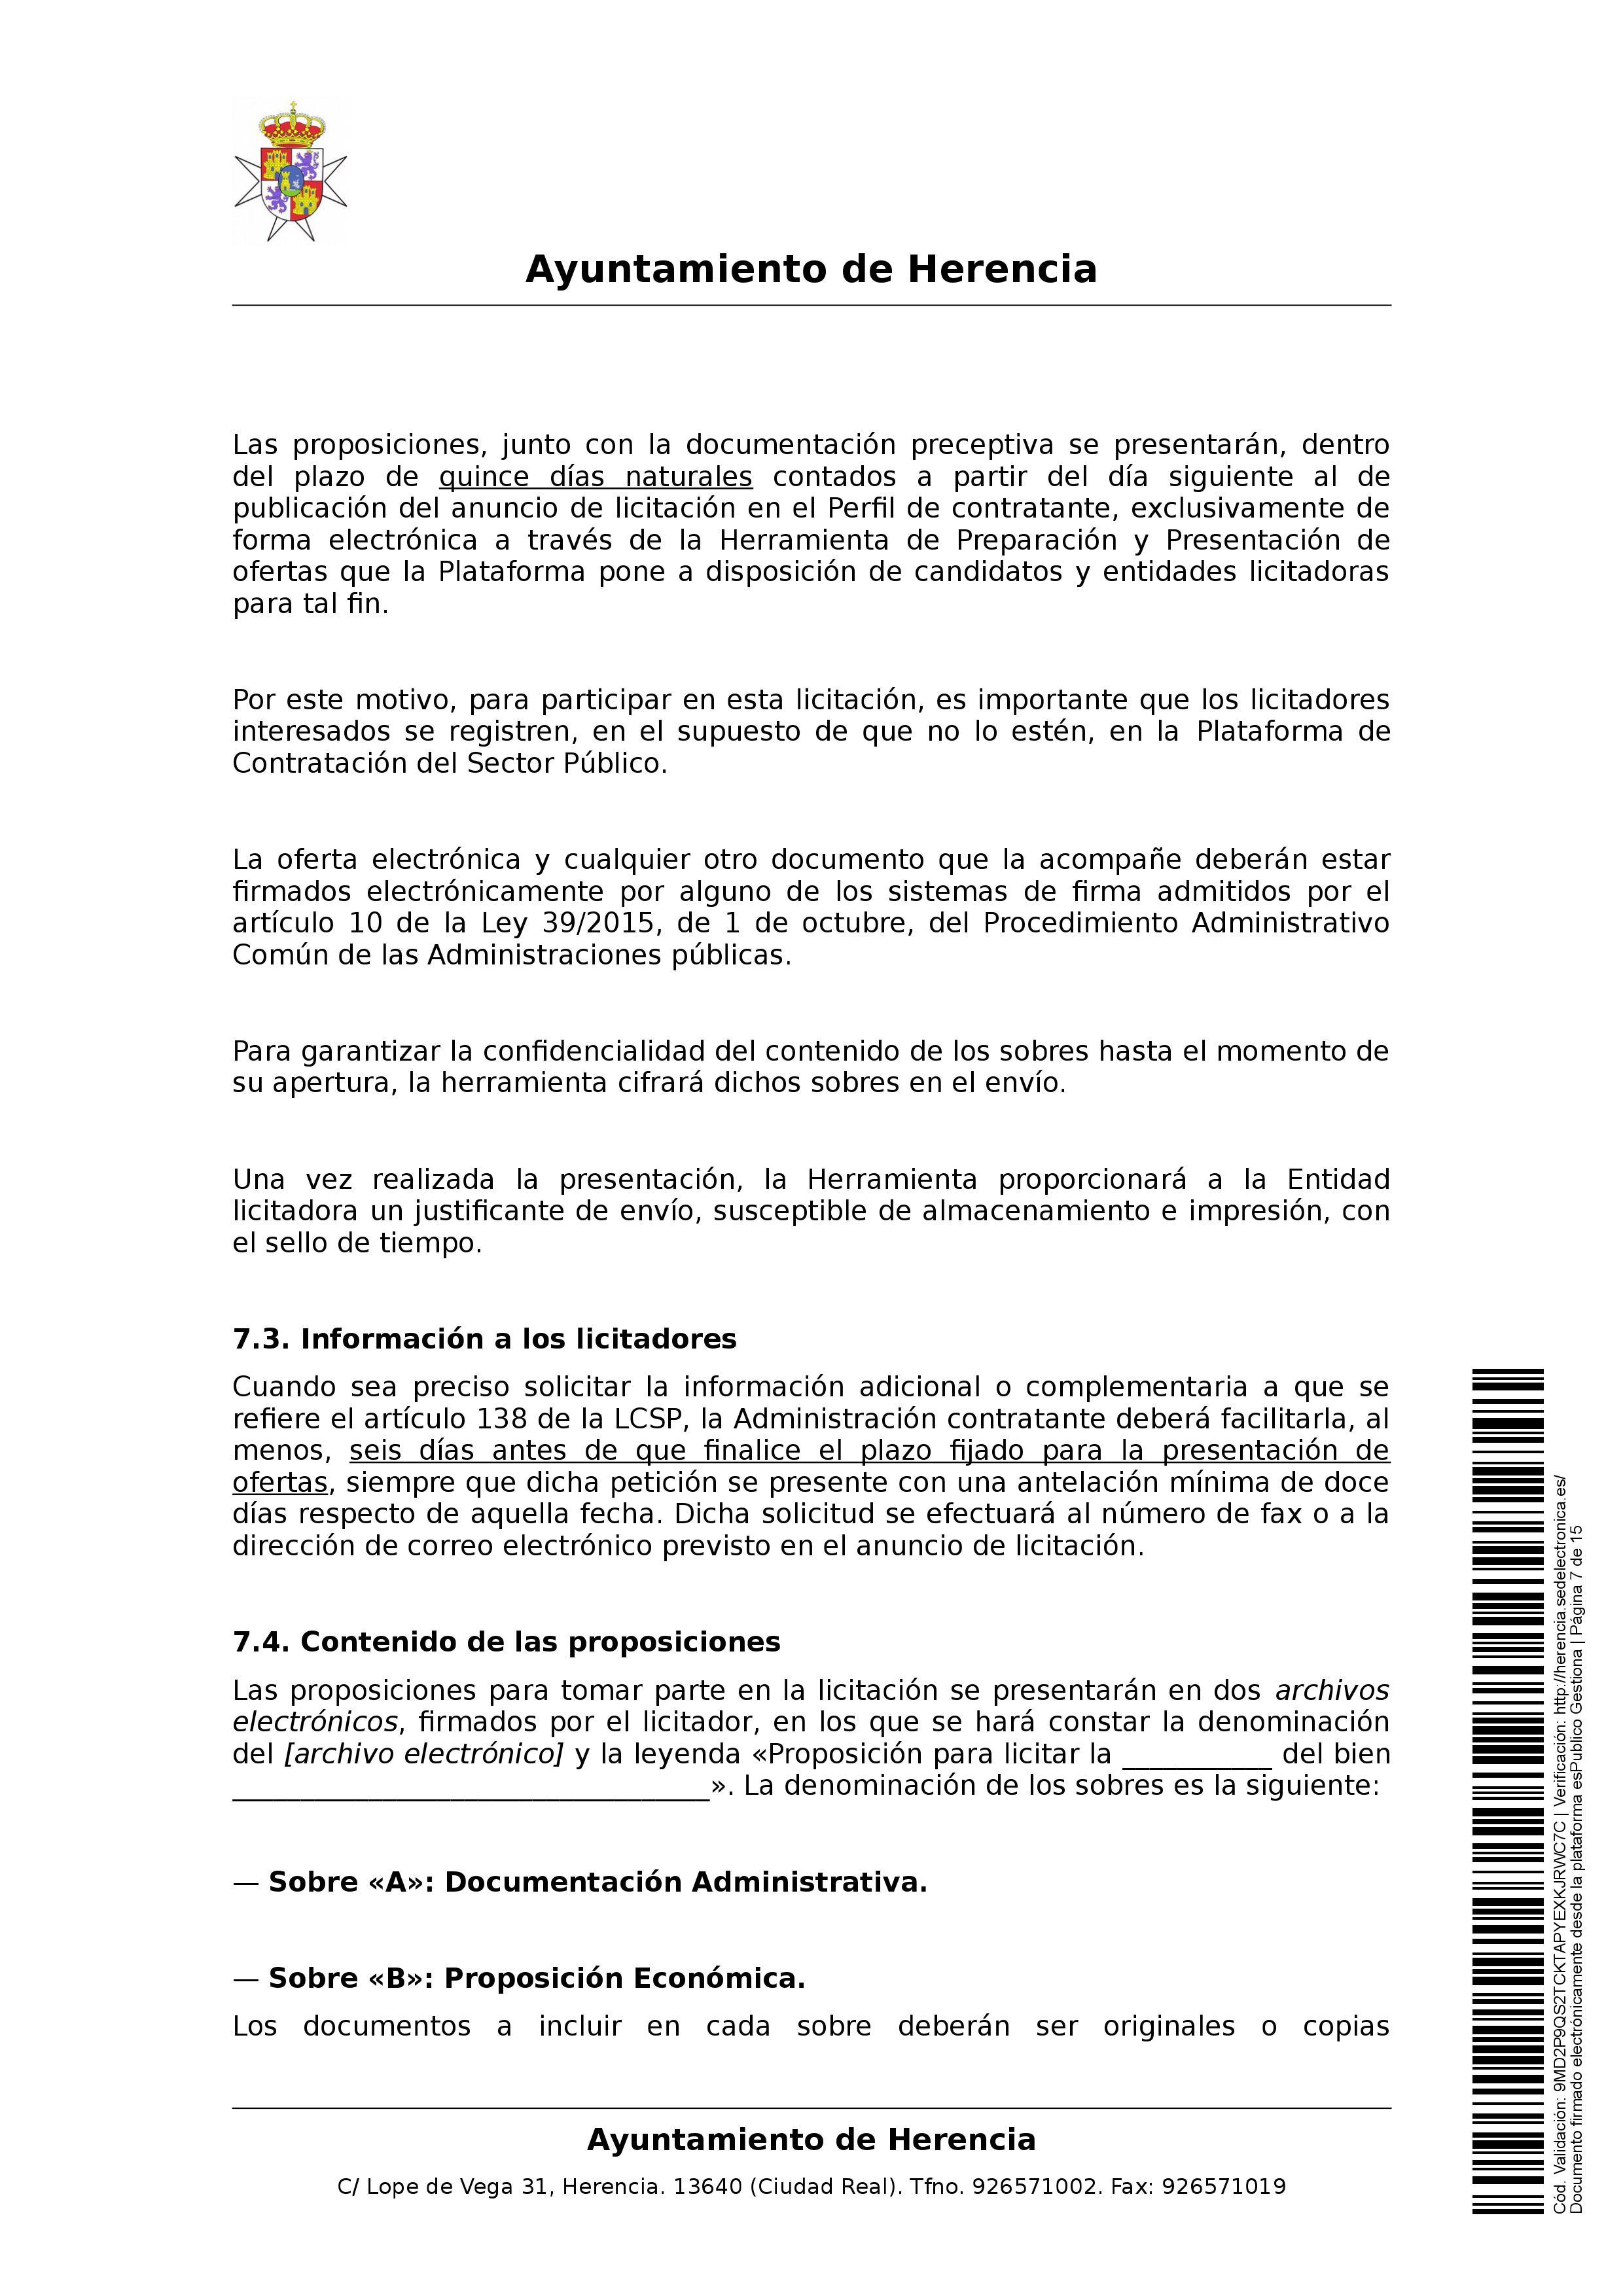 Herencia pone 8 parcelas residenciales a subasta para obtener más ingresos 37